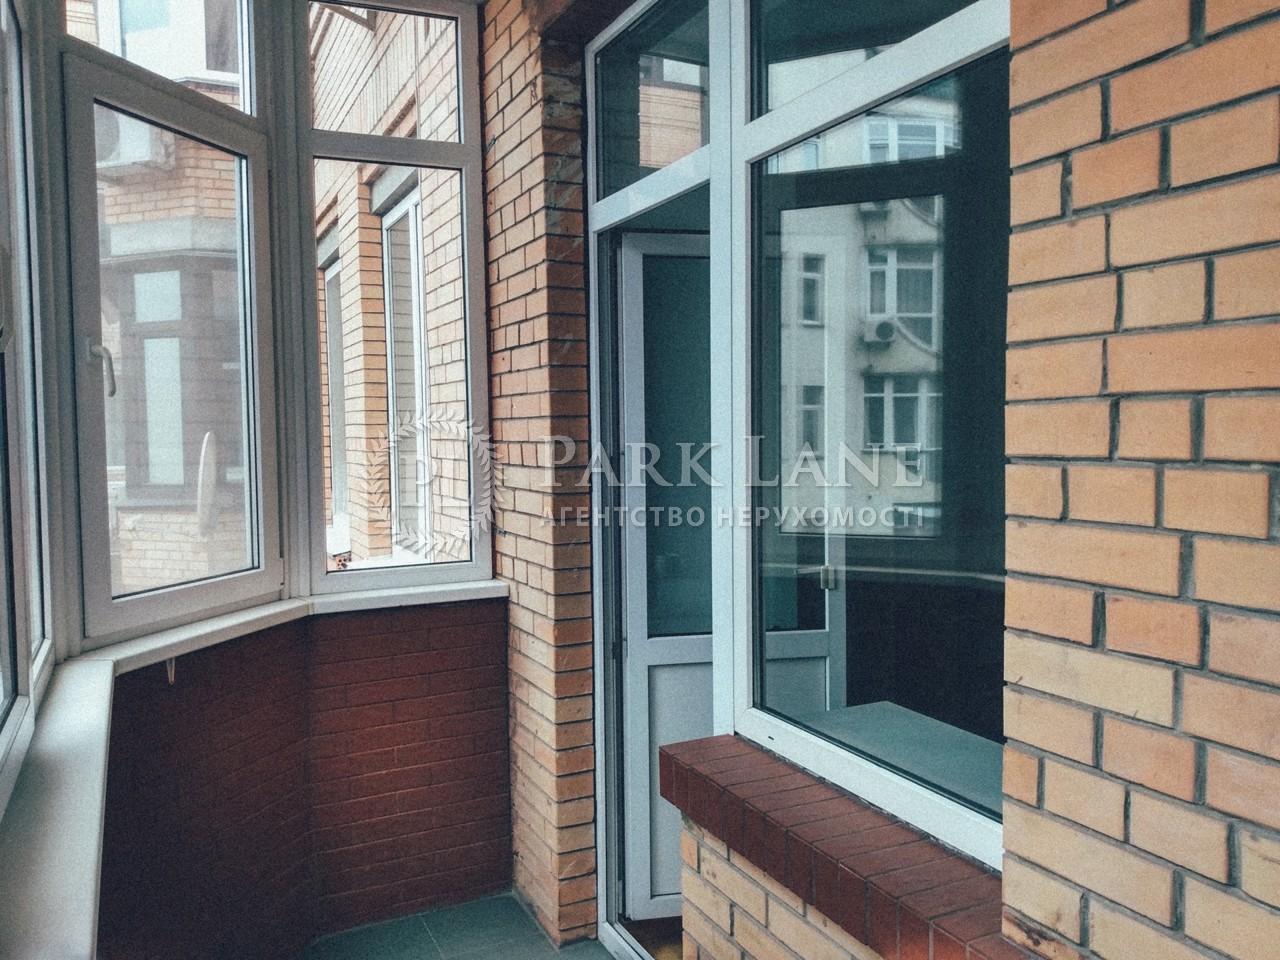 Квартира вул. Павлівська, 17, Київ, R-16873 - Фото 55